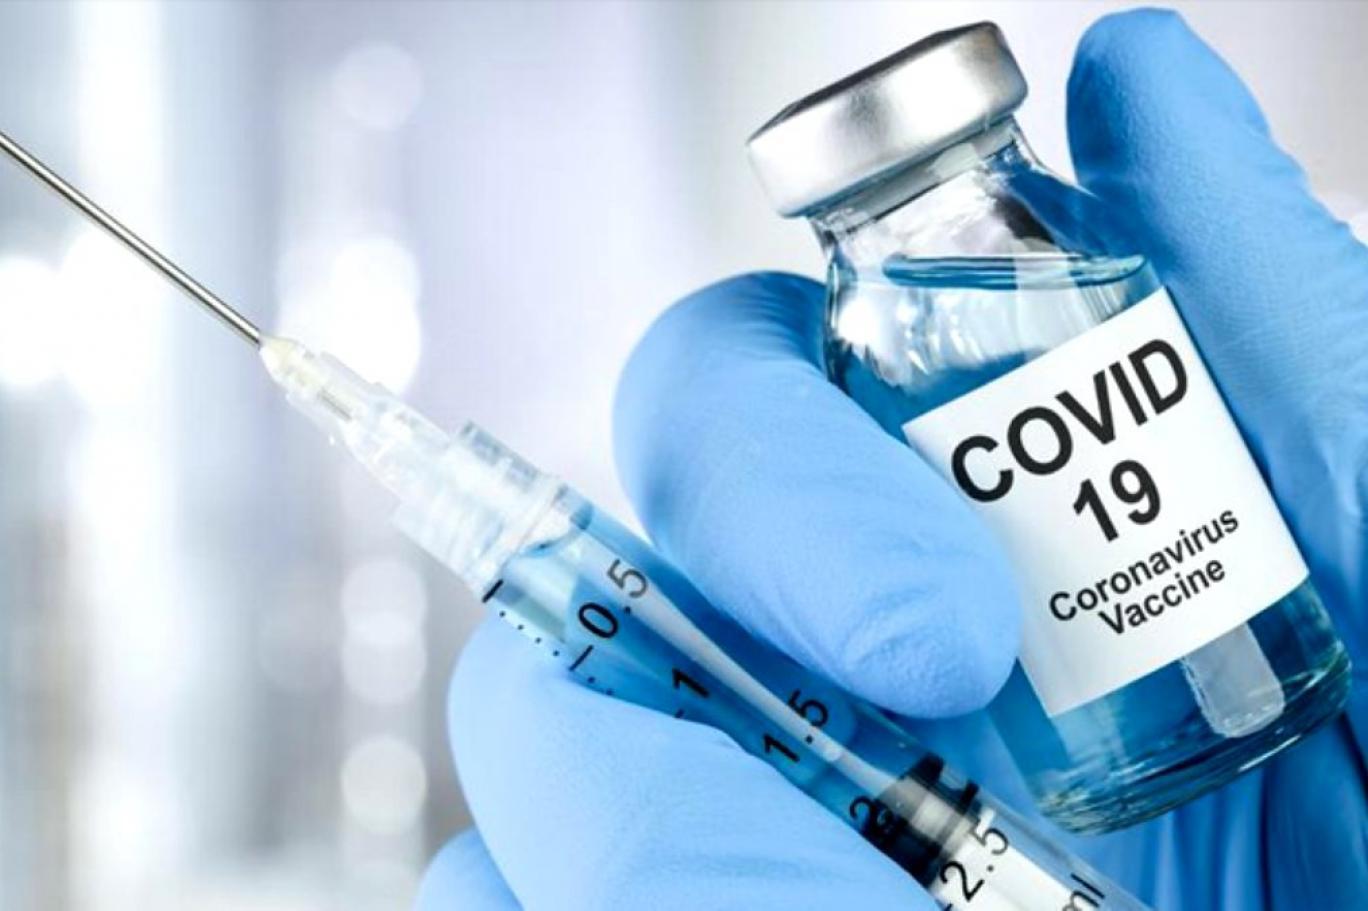 BioNTech'ten Covid-19 aşısı müjdesi: Aşının dağıtım sürecine başladık